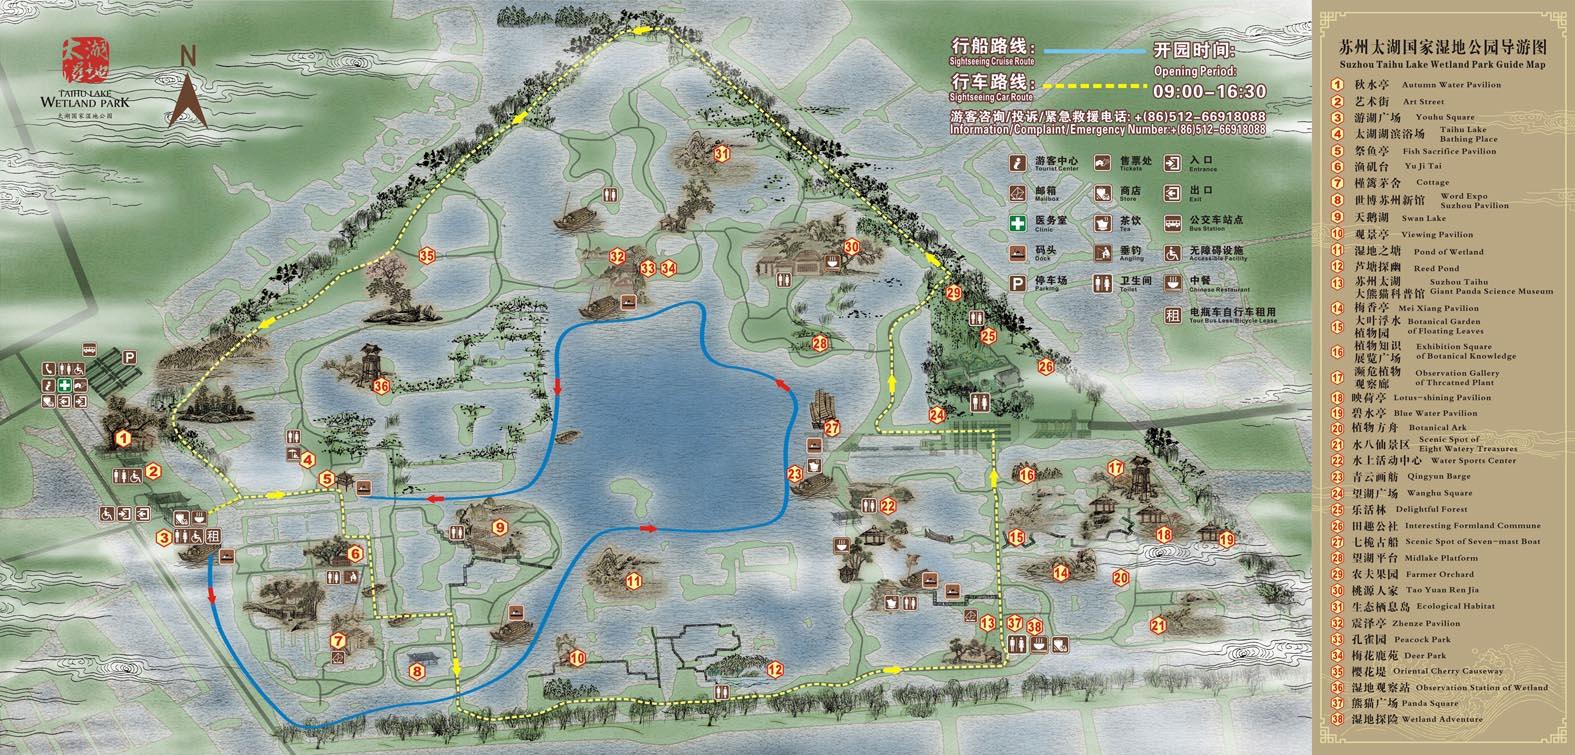 苏州太湖国家湿地公园导览地图 @苏州太湖国家湿地公园官网